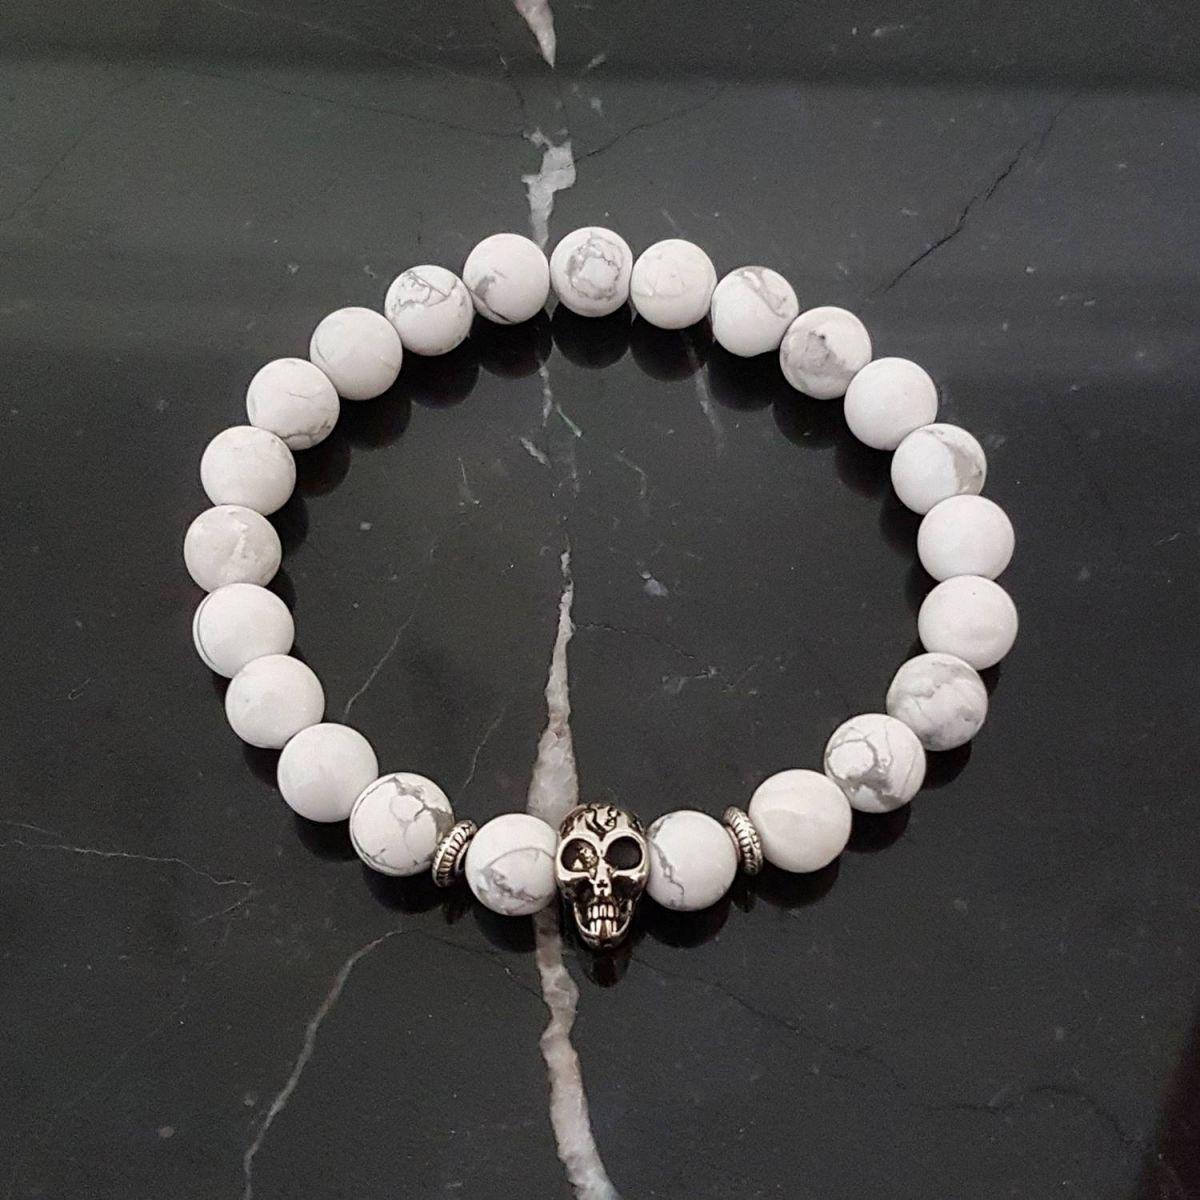 Pulseira Pedra Marmore Branco Skull